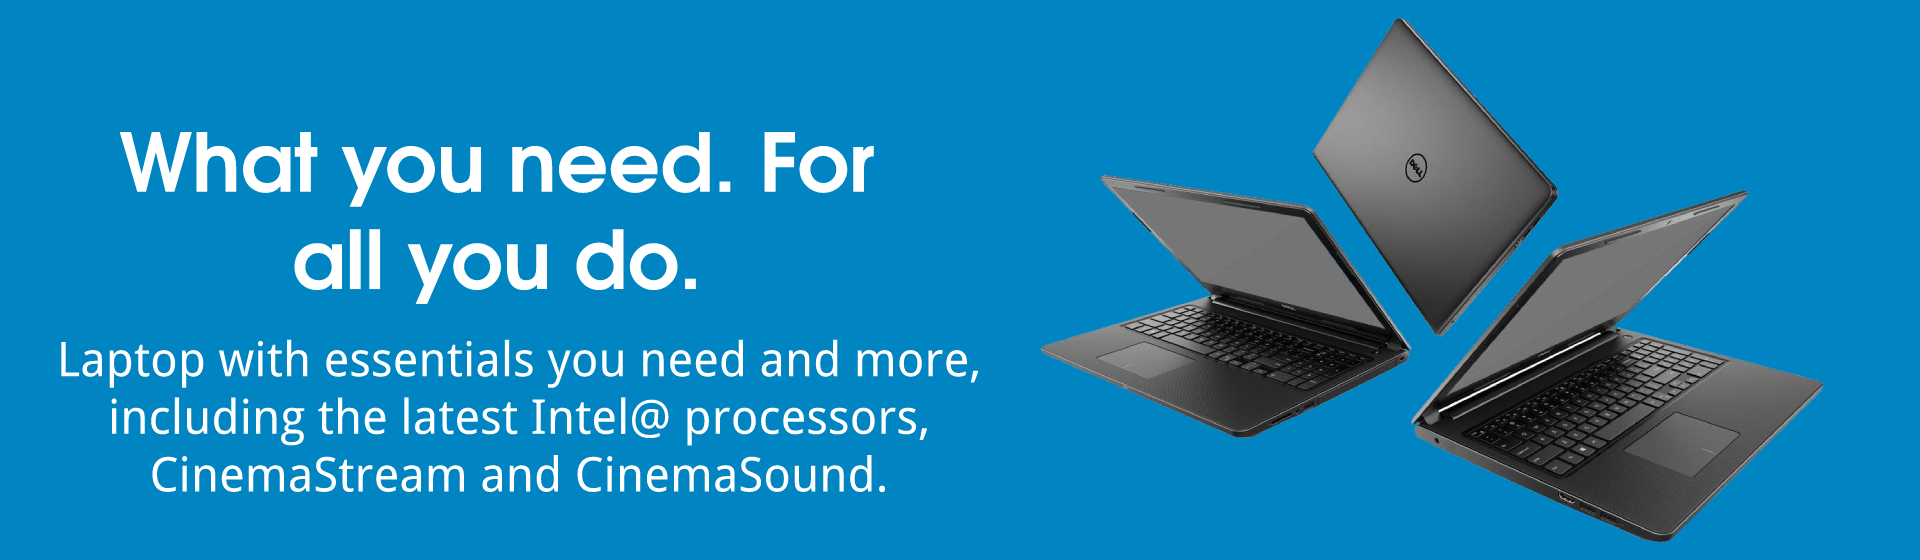 Dell Inspiron 3476 Laptop (Ci7-8550U/8GB/1TB/14'' Hd/DVDRW/UBUNTU